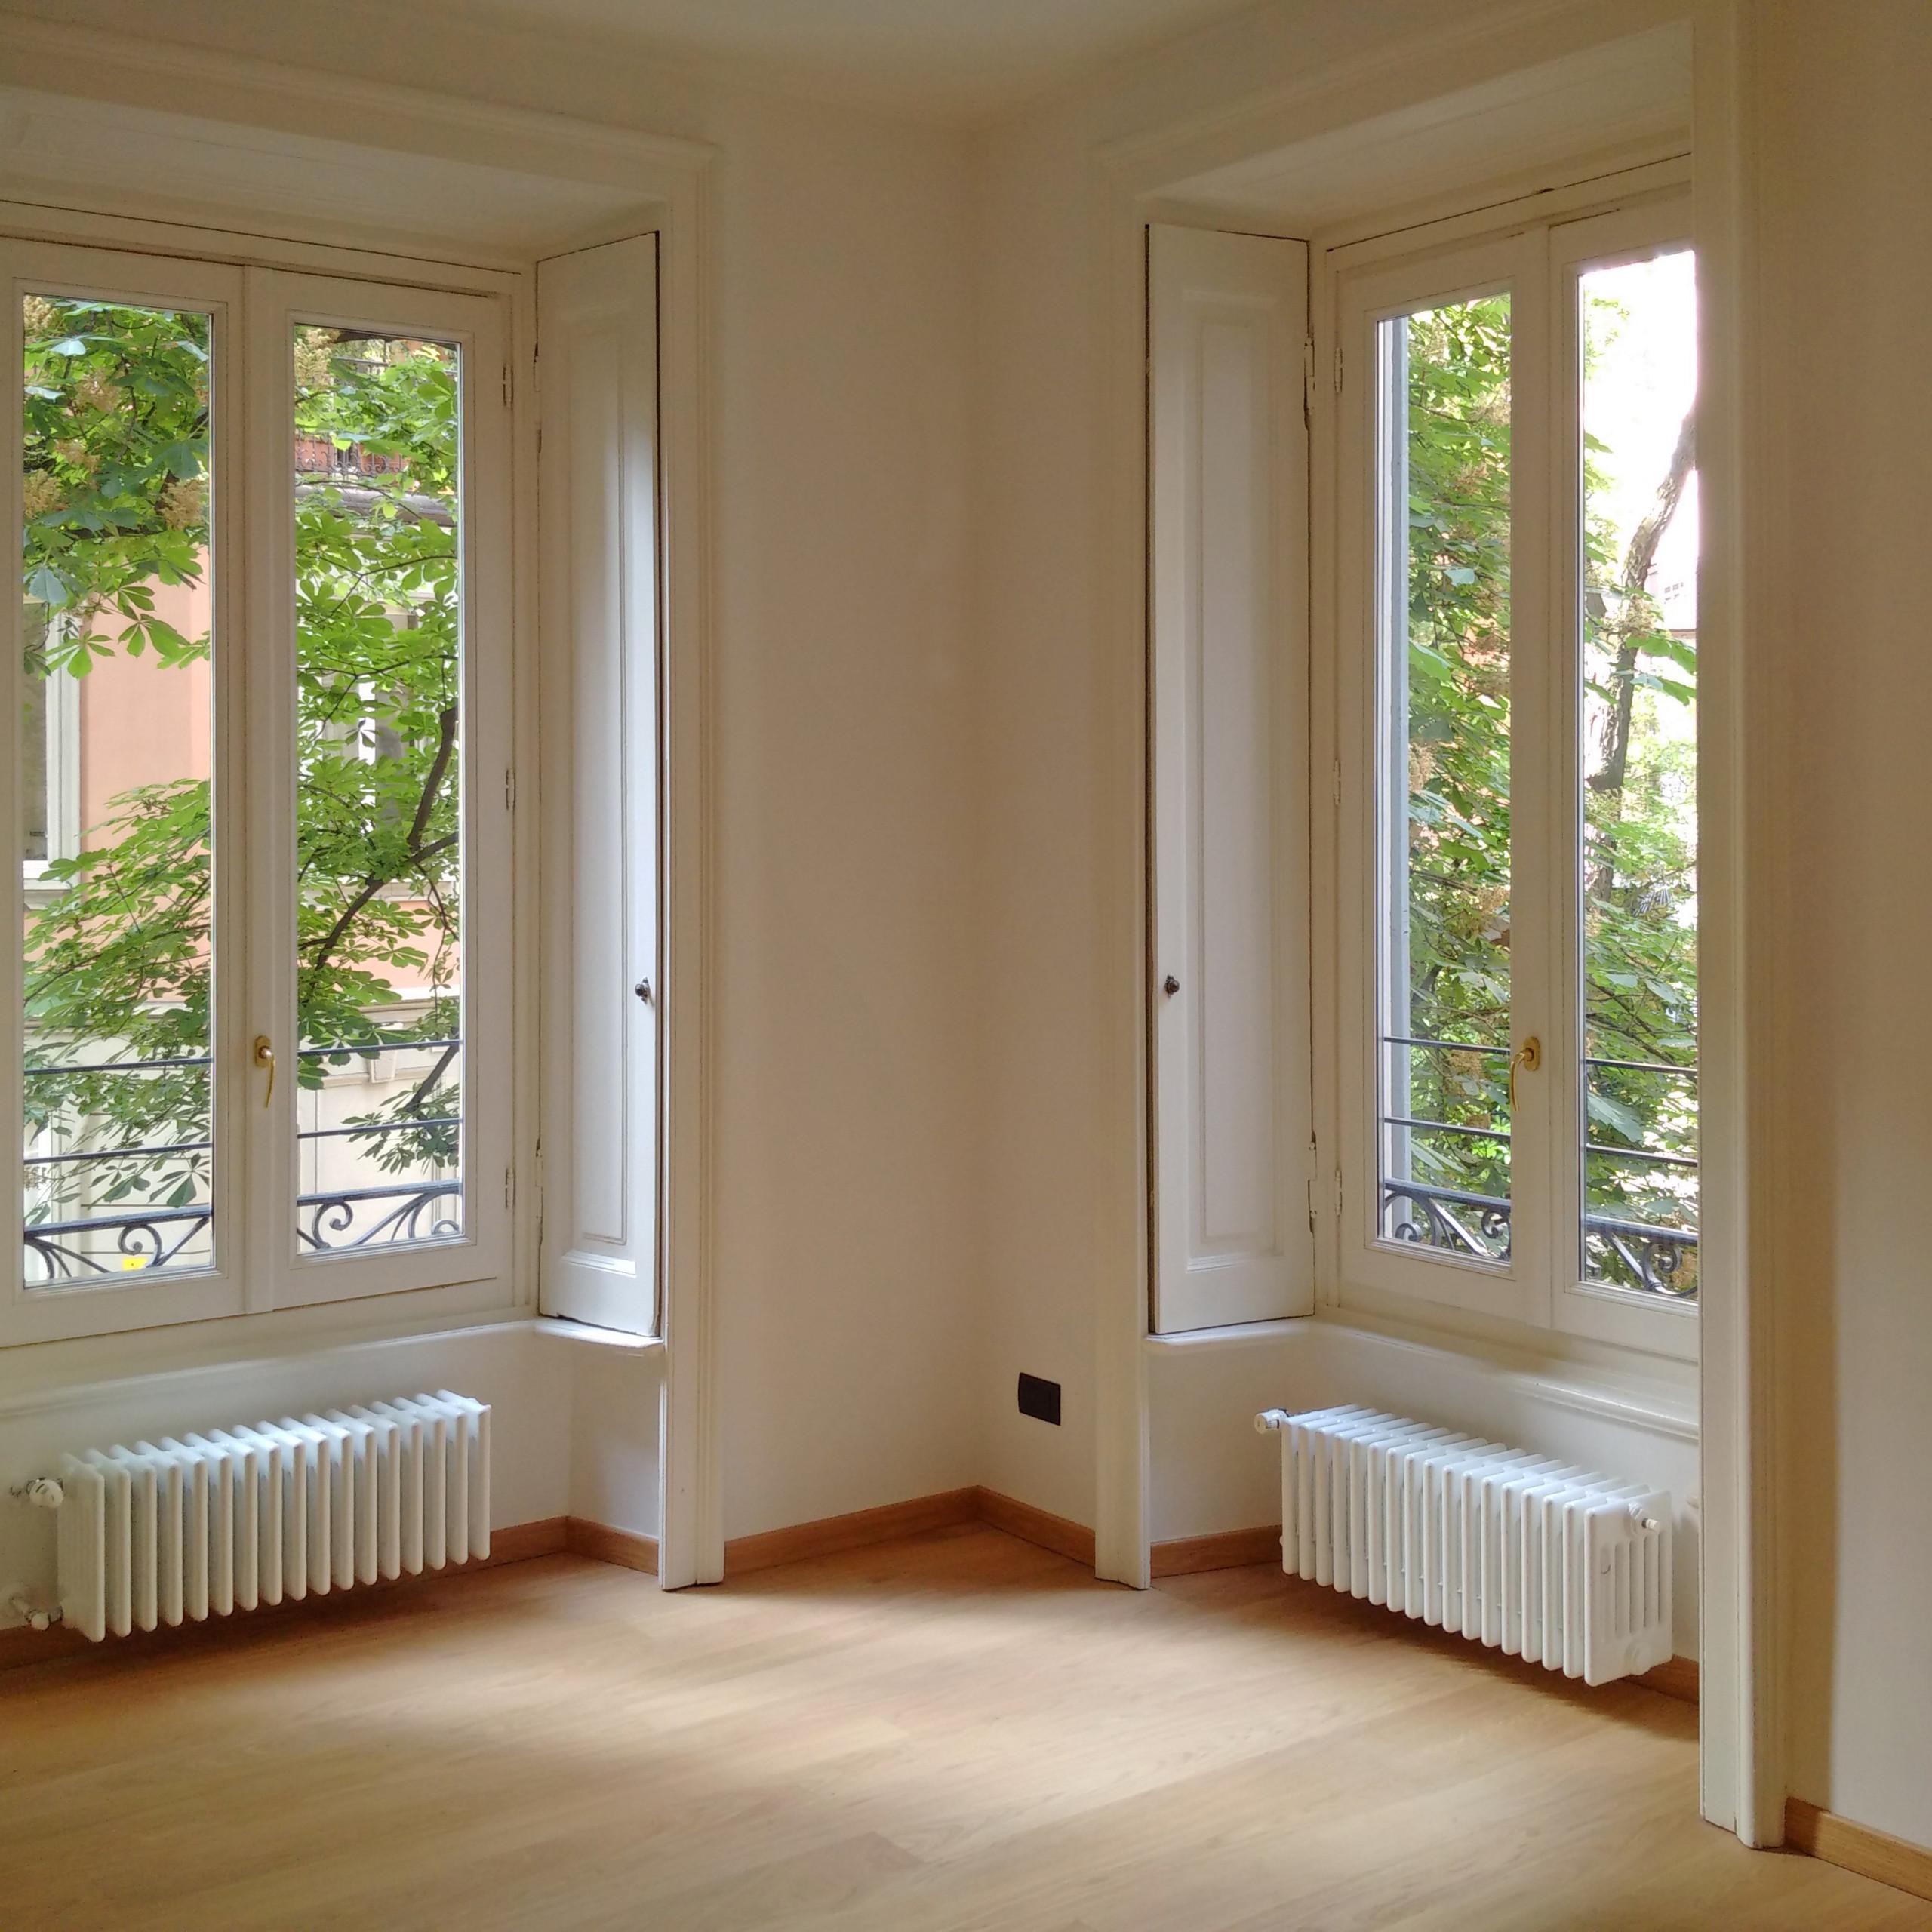 Appartamento contemporaneo in contesto d'epoca Mq.85